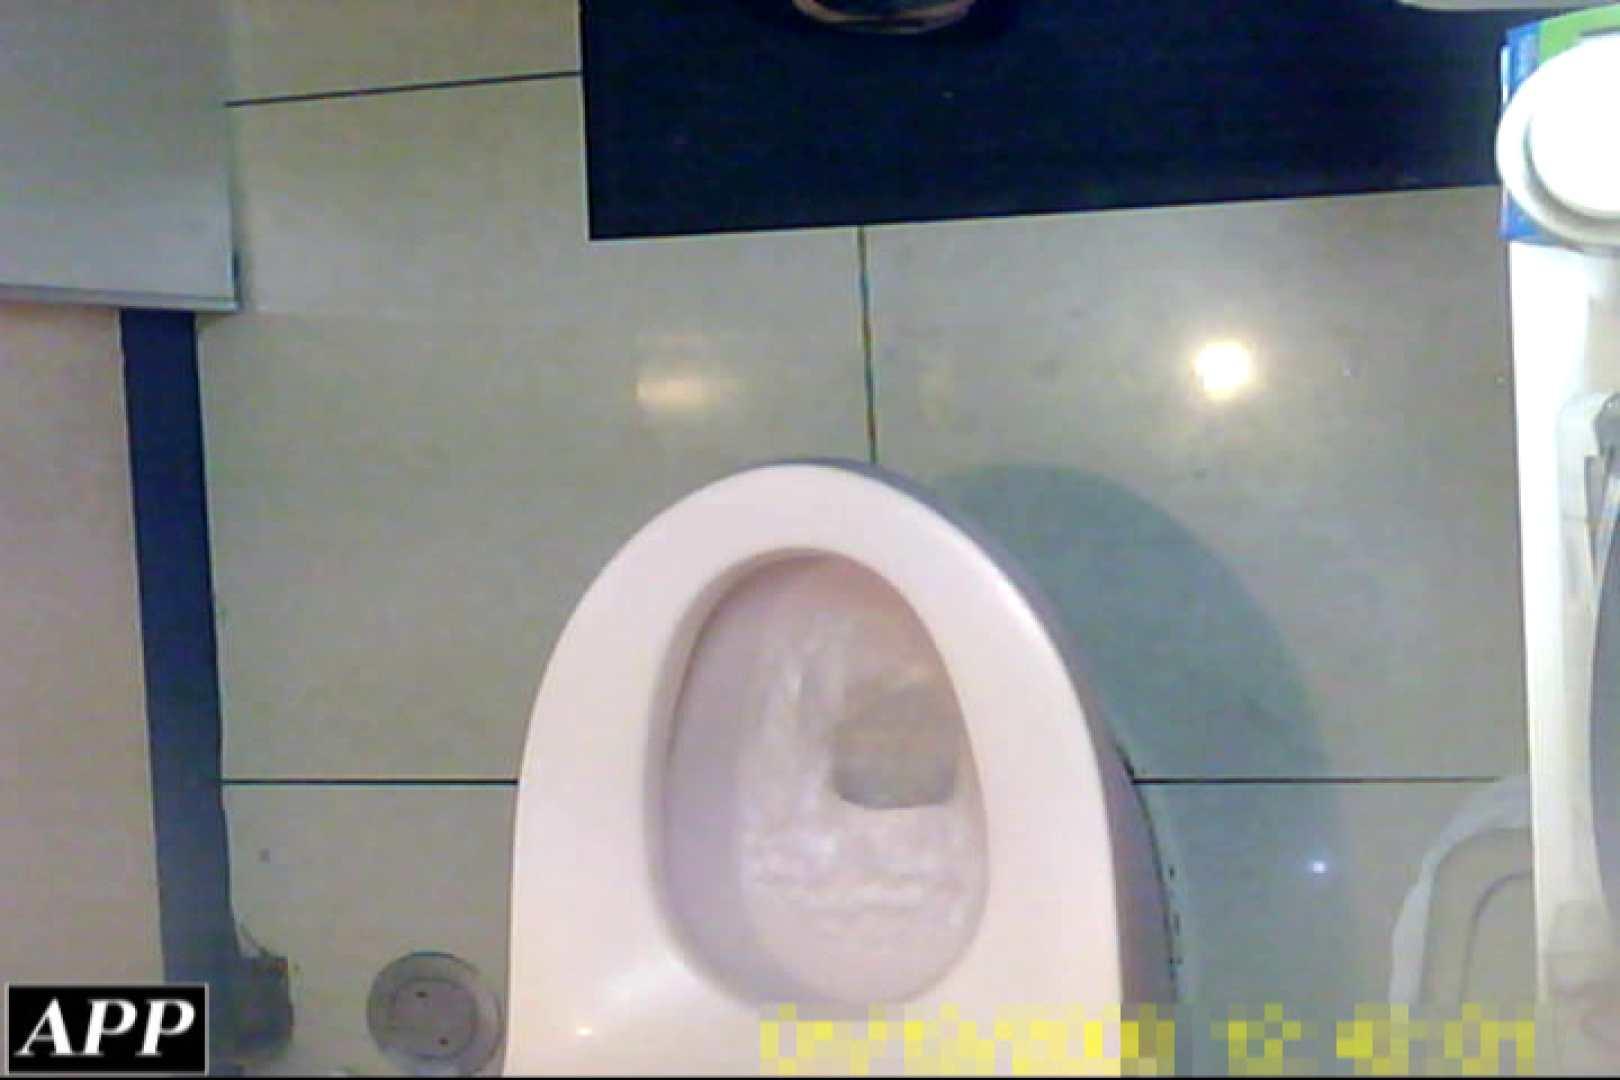 3視点洗面所 vol.138 オマンコ | 盗撮  86pic 62